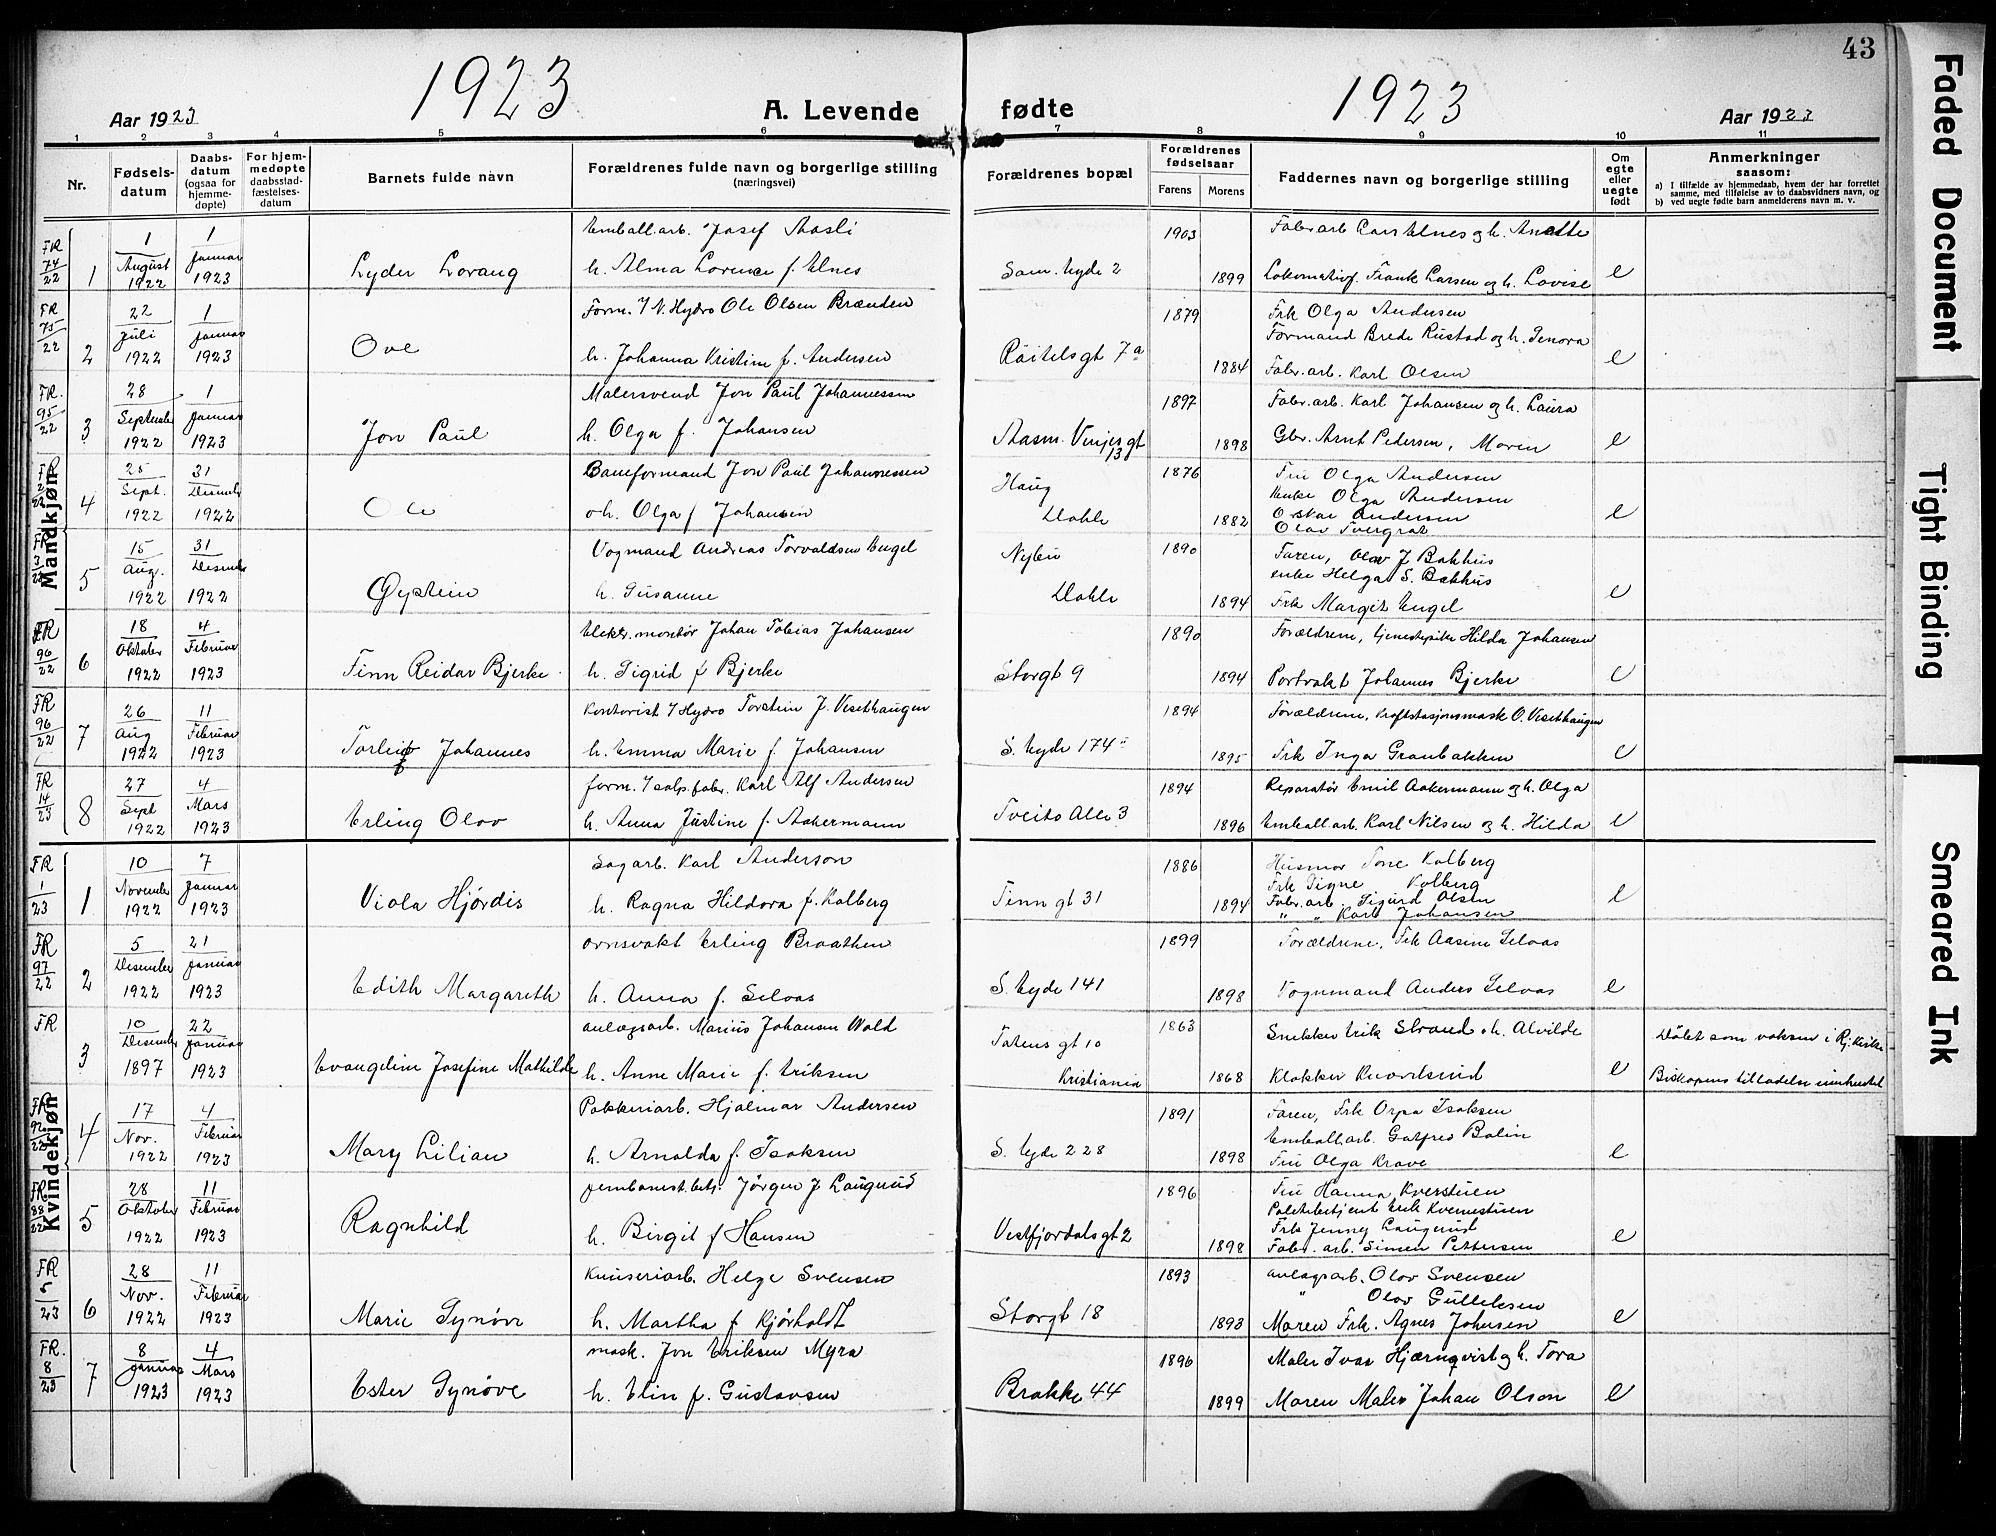 SAKO, Rjukan kirkebøker, G/Ga/L0003: Klokkerbok nr. 3, 1920-1928, s. 43